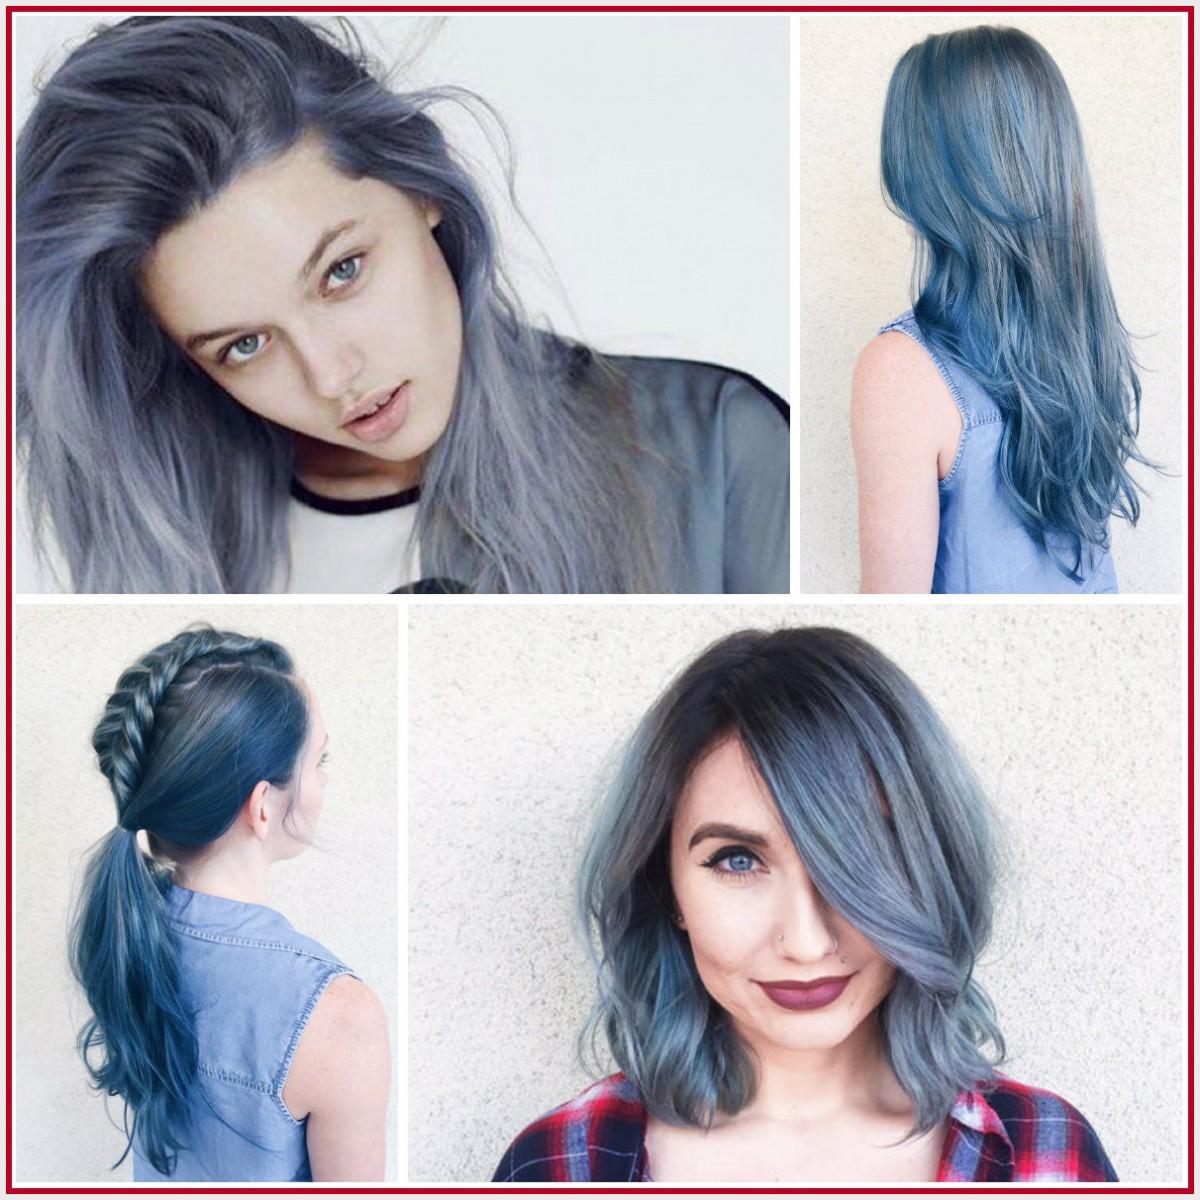 hair dye ideas Best Hair Dye Ideas For Women 2019 unnamed file 255